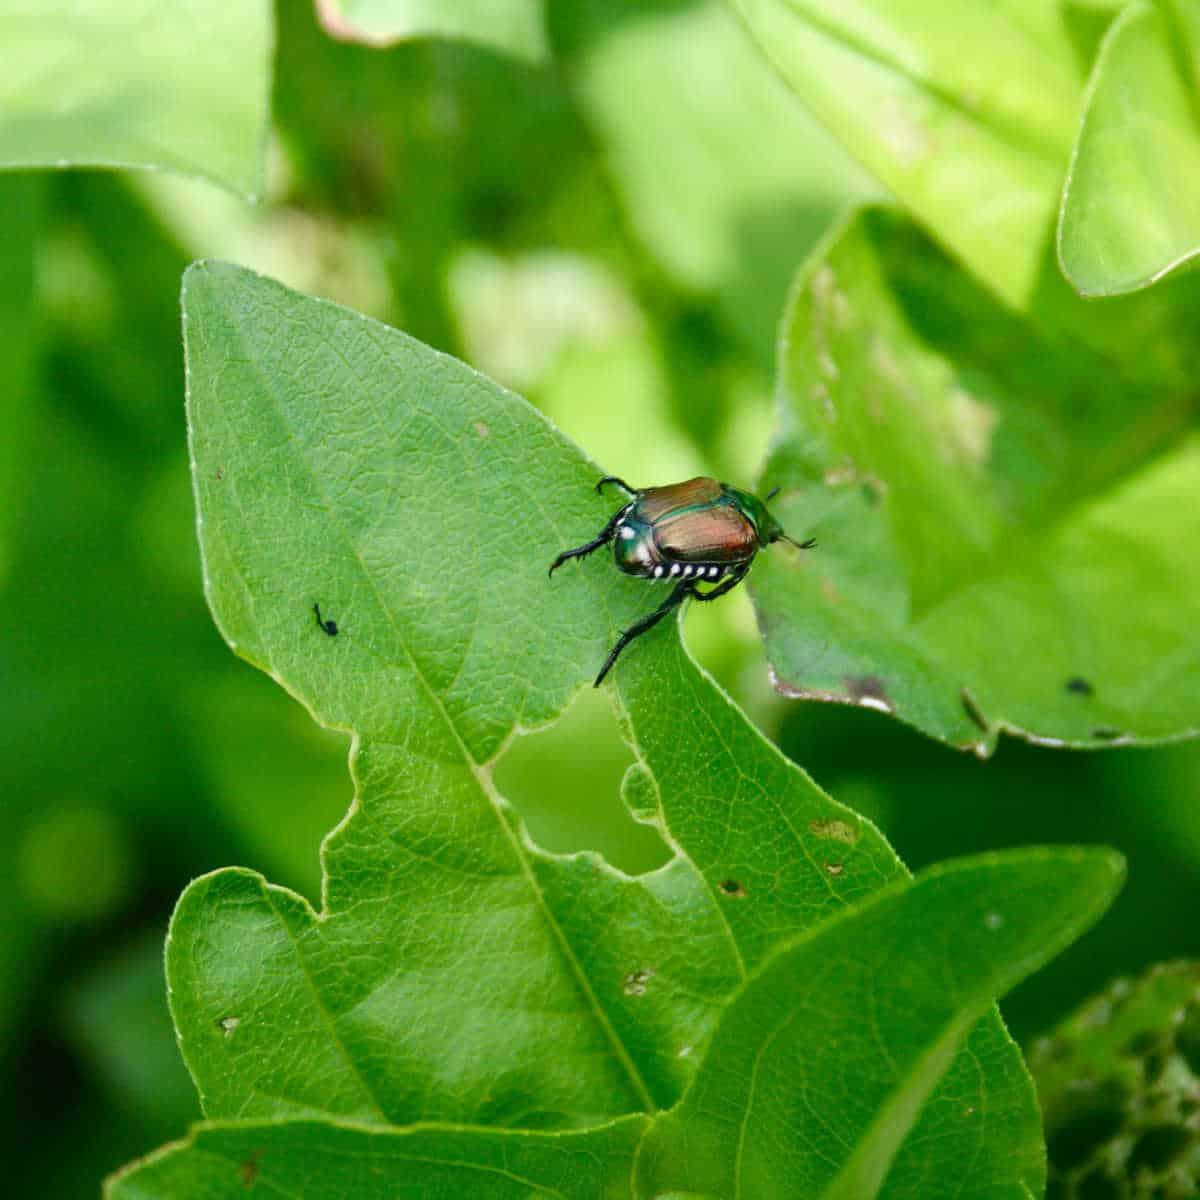 Japanese beetle bug on a zinnia leaf